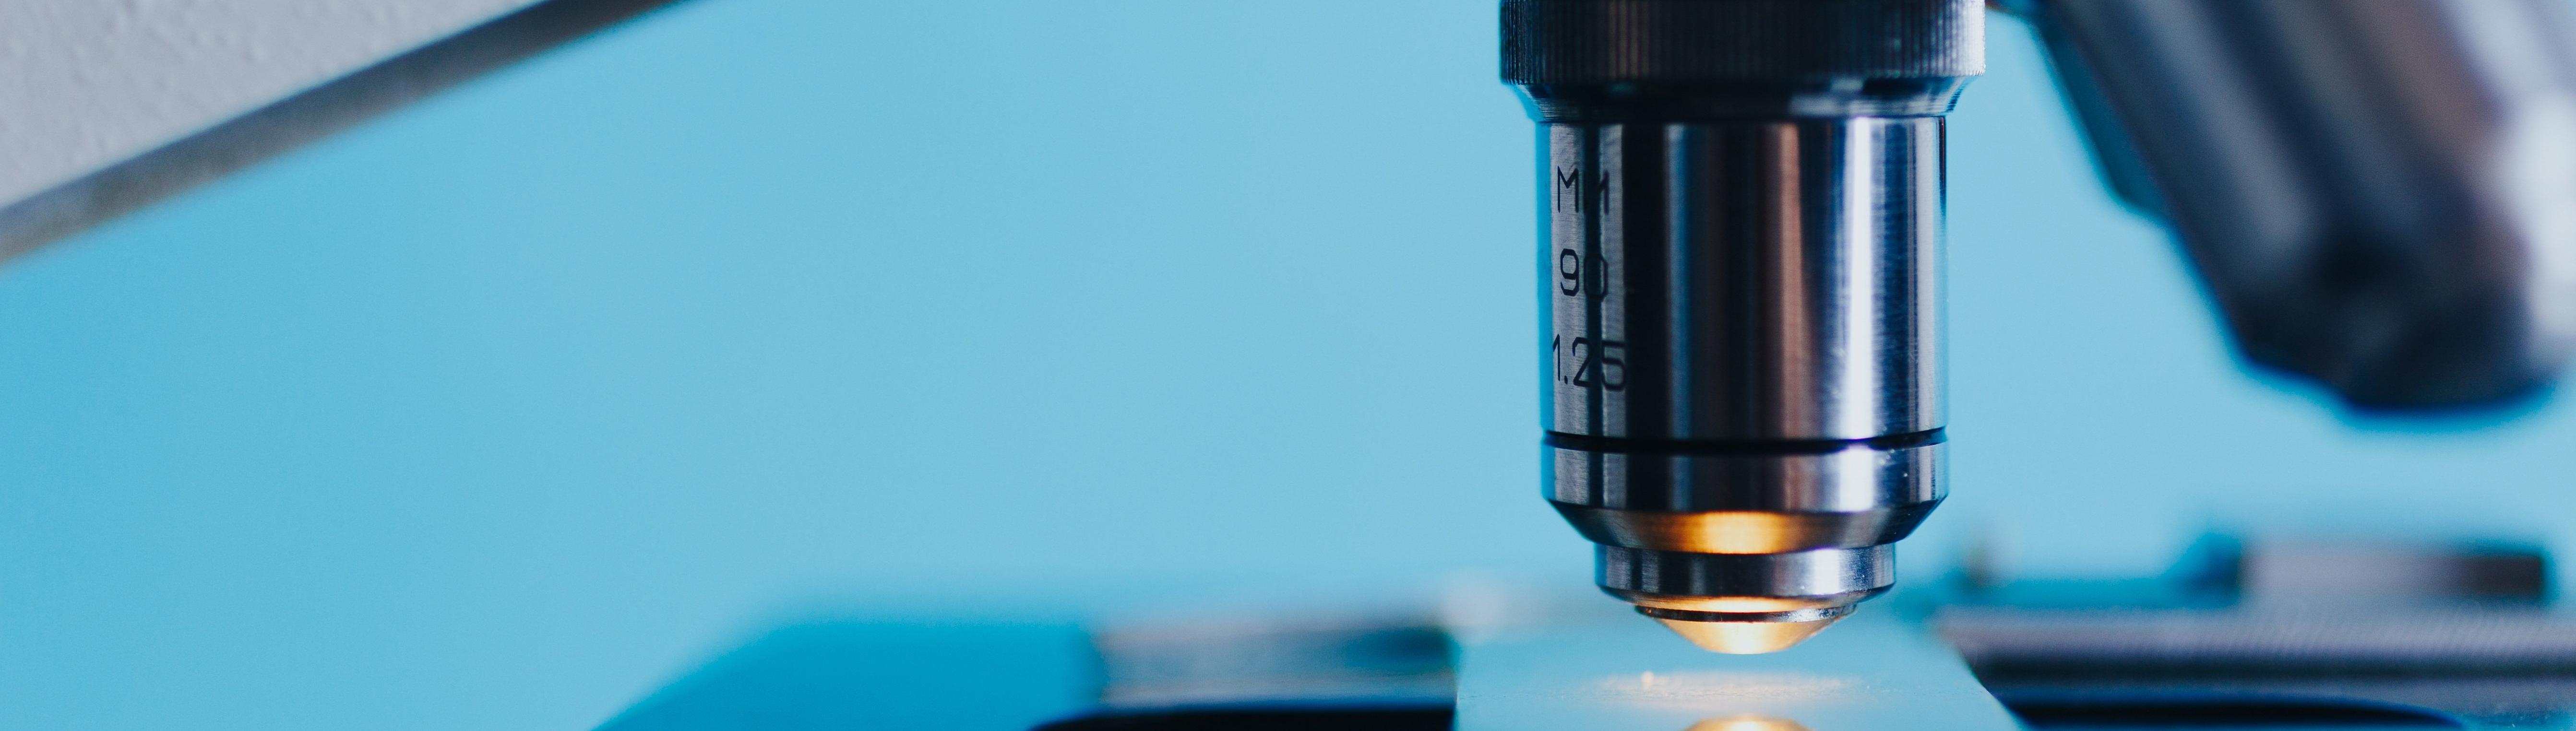 Microscope objective lens over slide